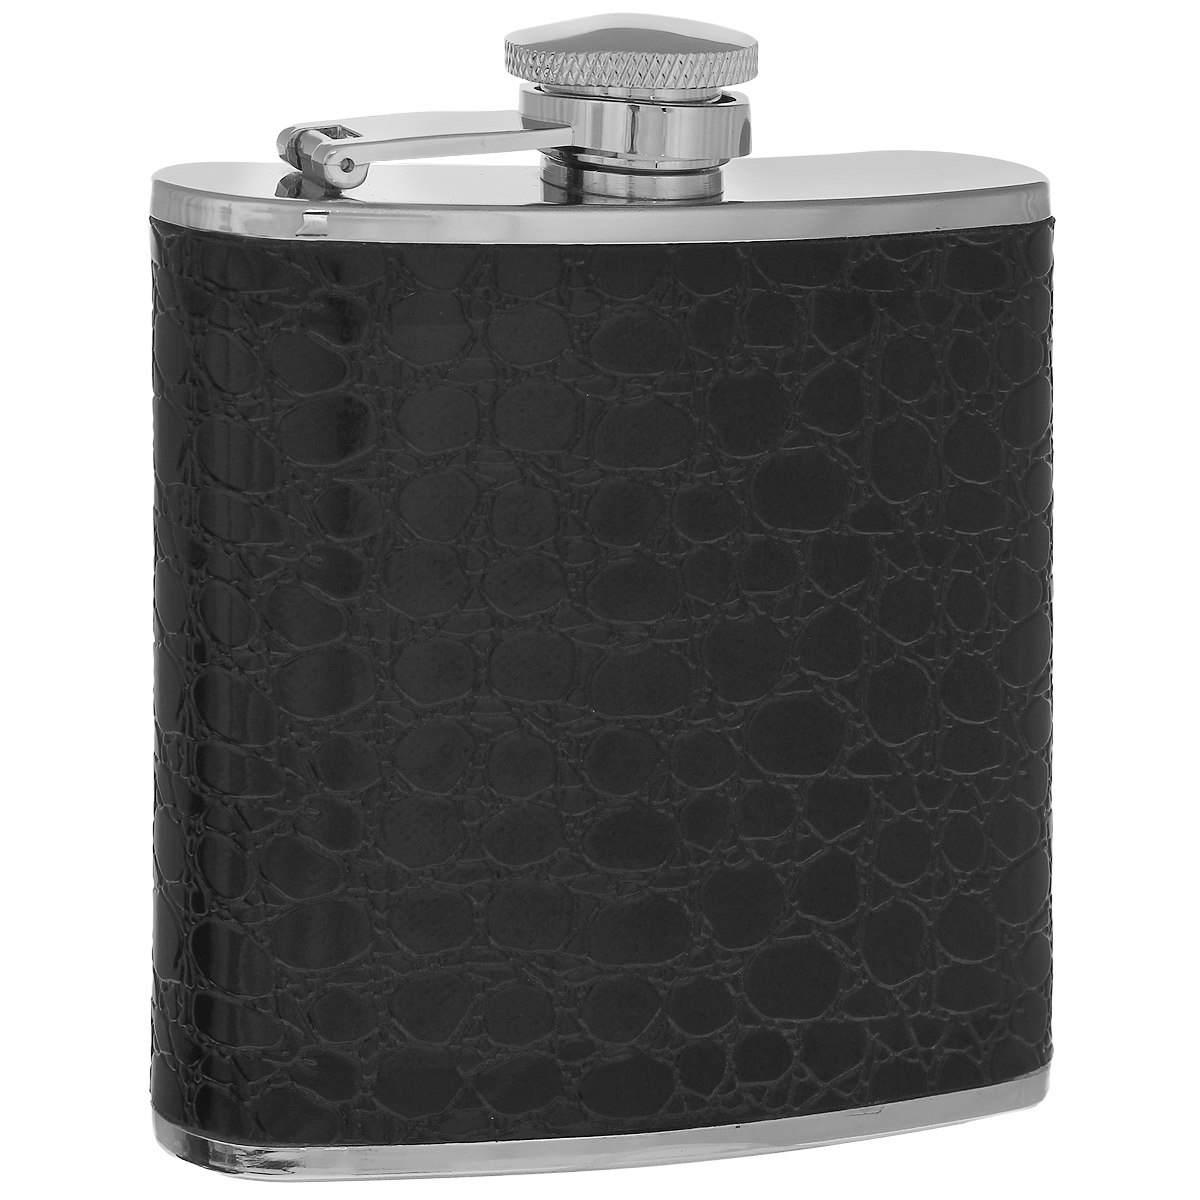 Фляга S.Quire Черный крокодил, 150 млWS 7064Фляга S.Quire изготовлена из нержавеющей стали 18/10 и оформлена вставкой из искусственной кожи черного цвета с декоративным тиснением под крокодила. Фляга специально предназначена для хранения алкогольных напитков. Ее нельзя использовать для напитков, содержащих кислоту, таких как сок и сердечные лекарства. Крышка плотно закрывается, предотвращая проливание. Фляга S.Quire - идеальный подарок для настоящих мужчин. Стильный дизайн, компактность и качество изделия, несомненно, порадуют любого мужчину.